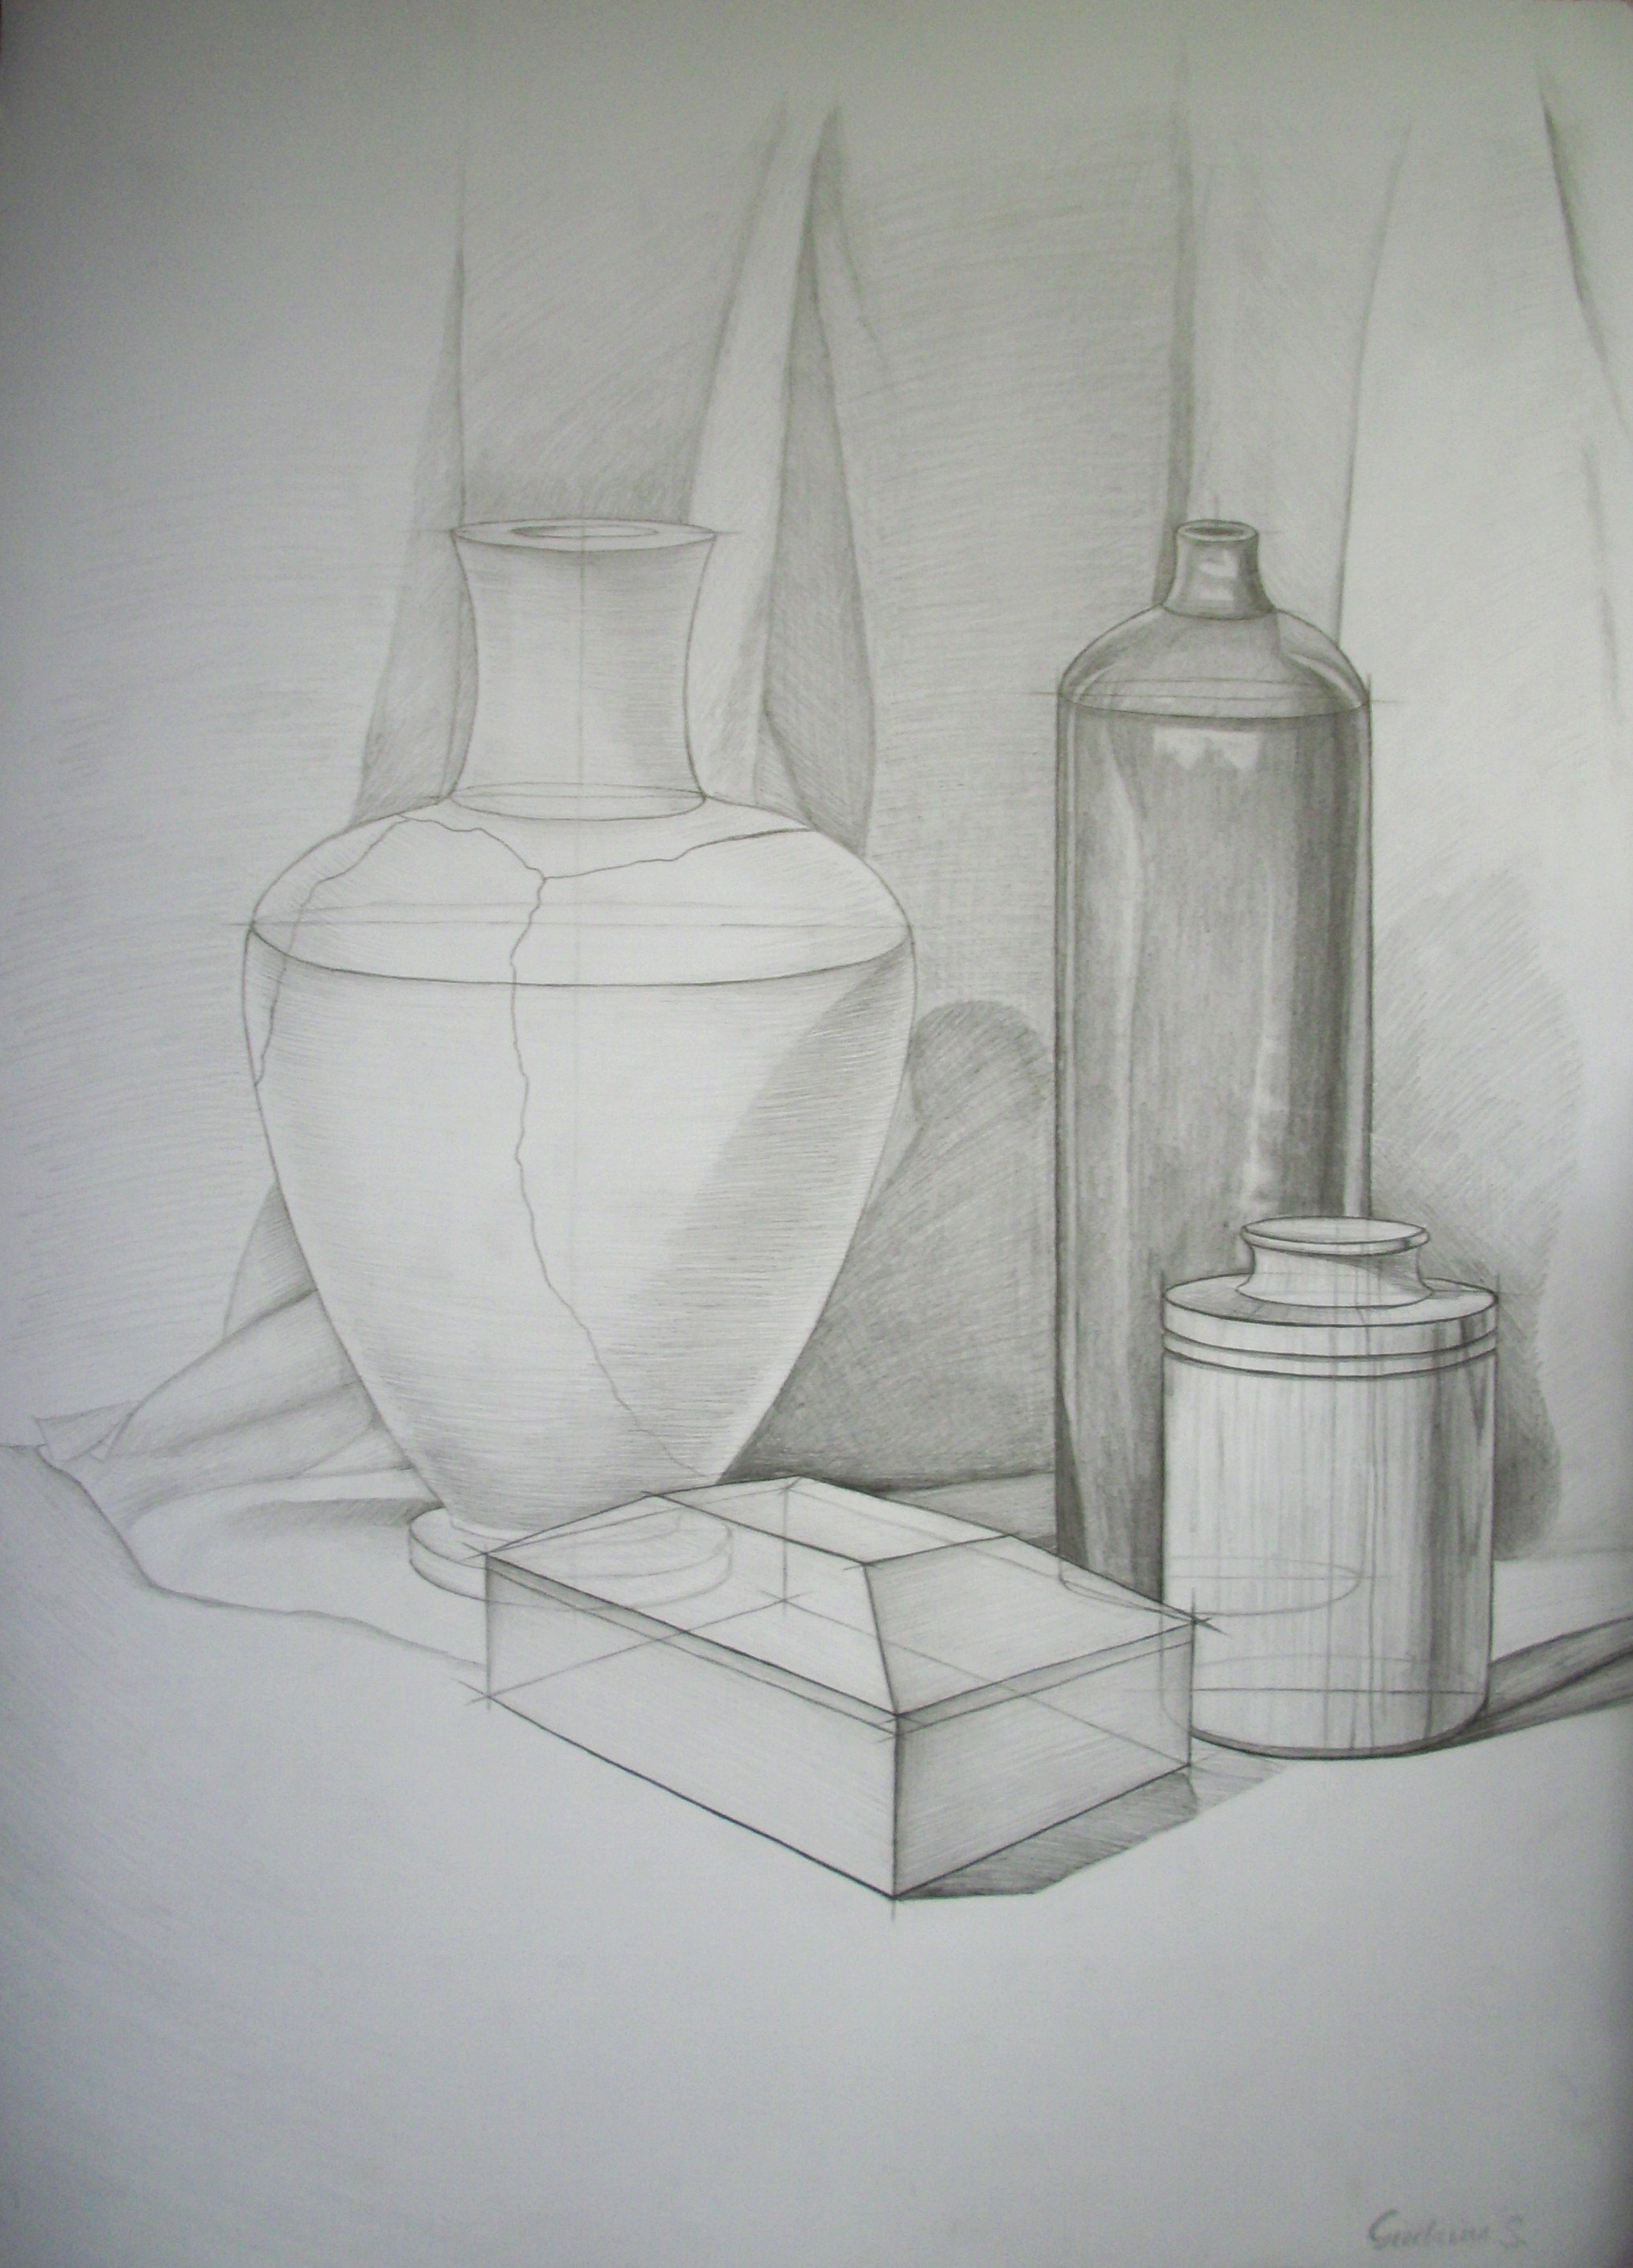 Išmokite piešti drapiruotę